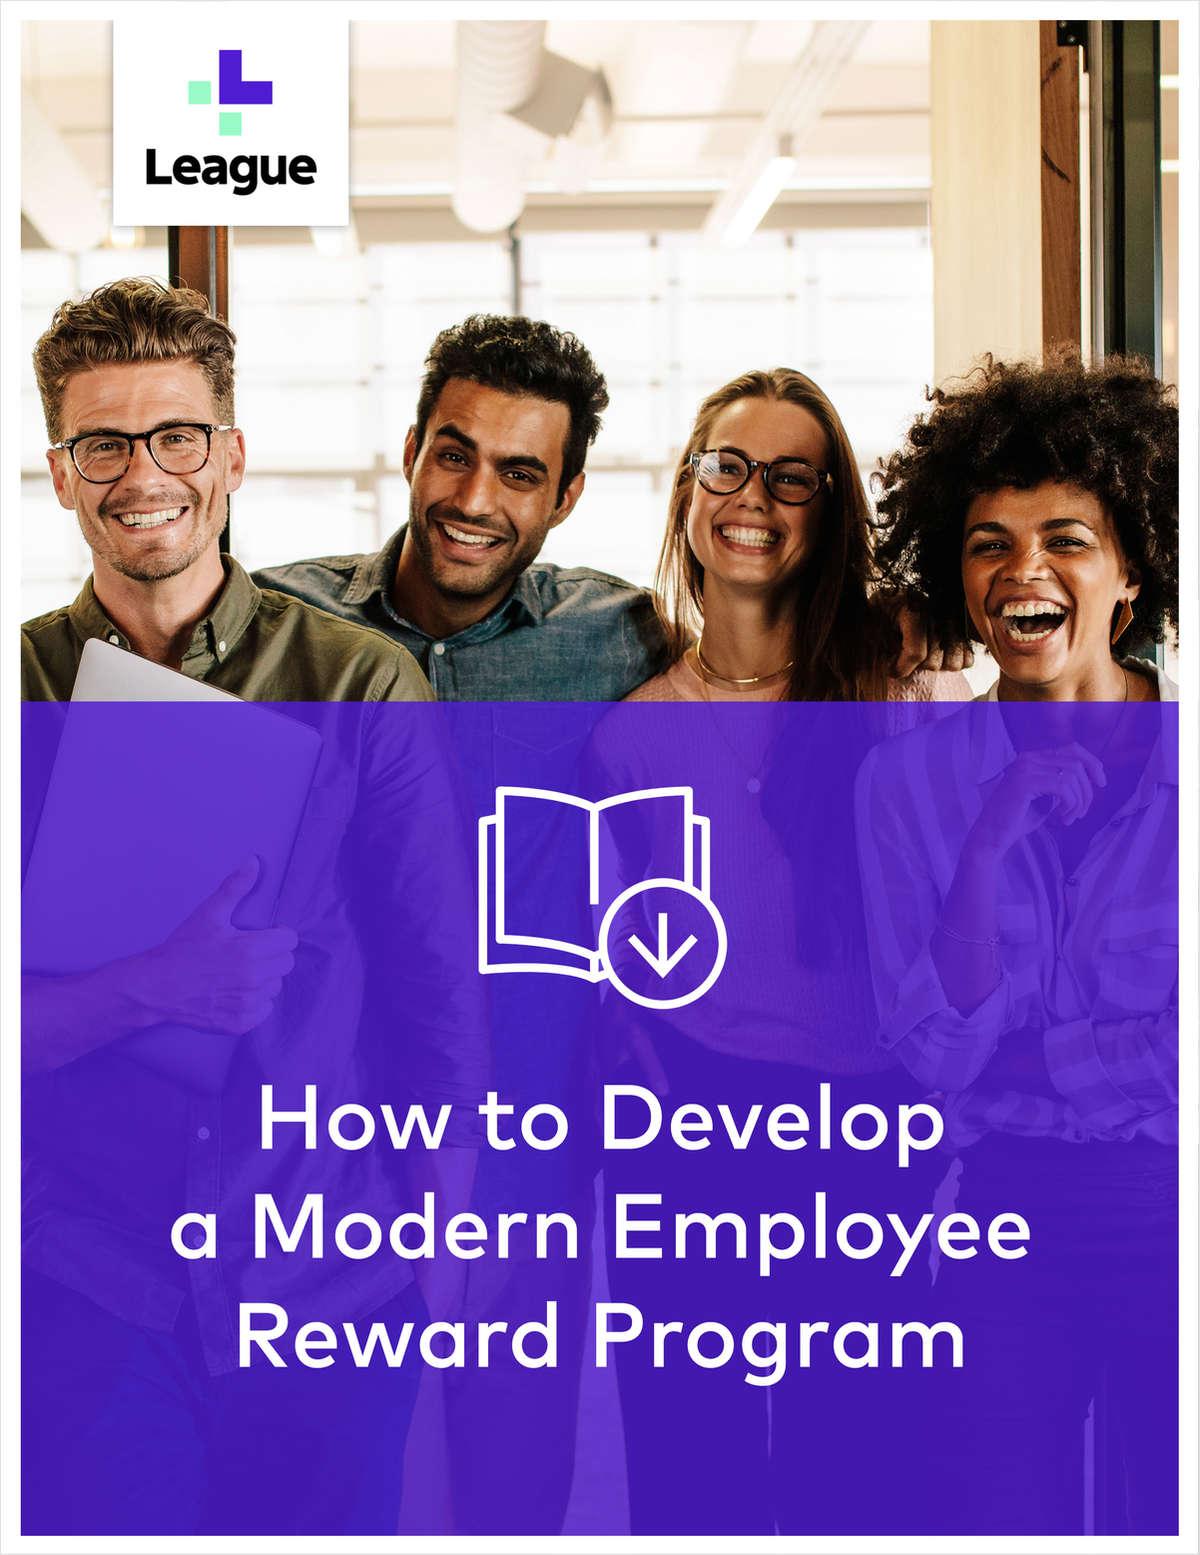 Rethinking Rewards - How to Develop a Modern Employee Reward Program